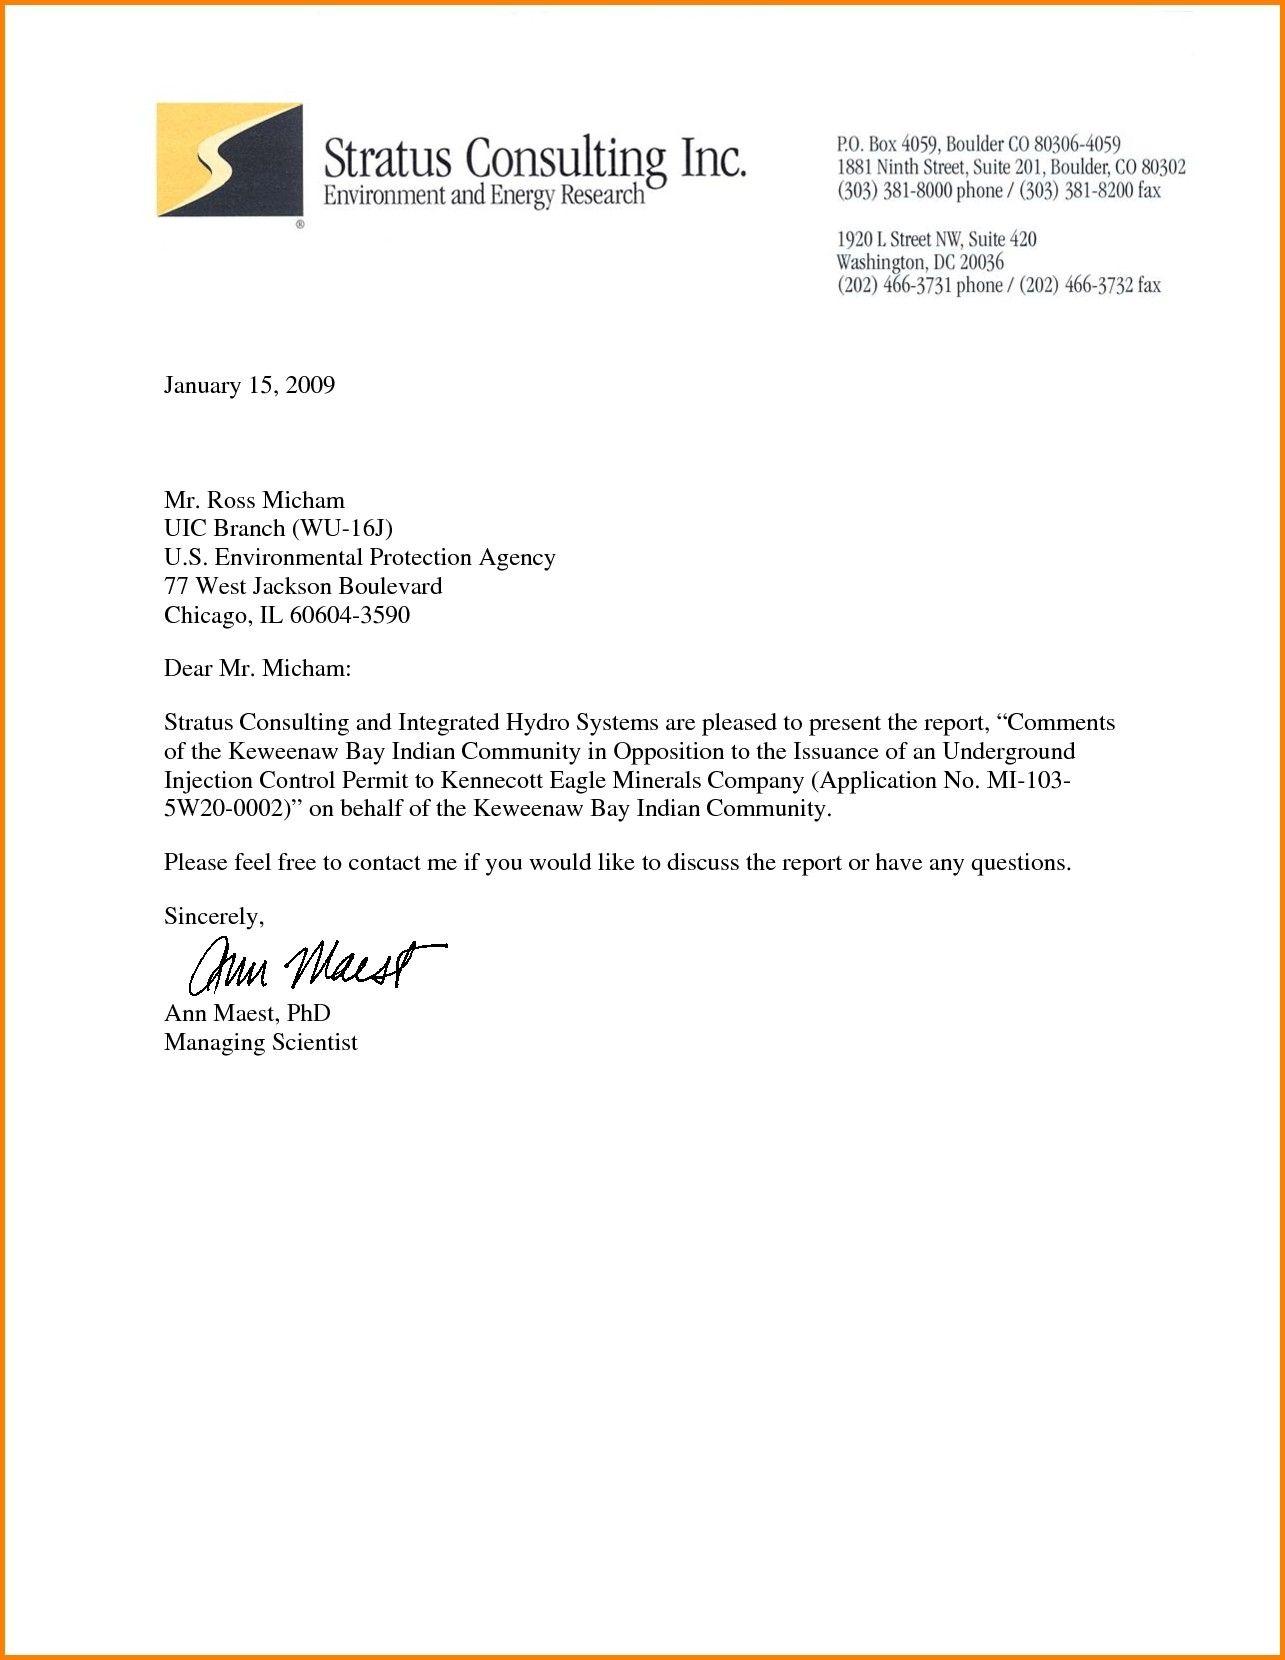 Business Letter Letterhead